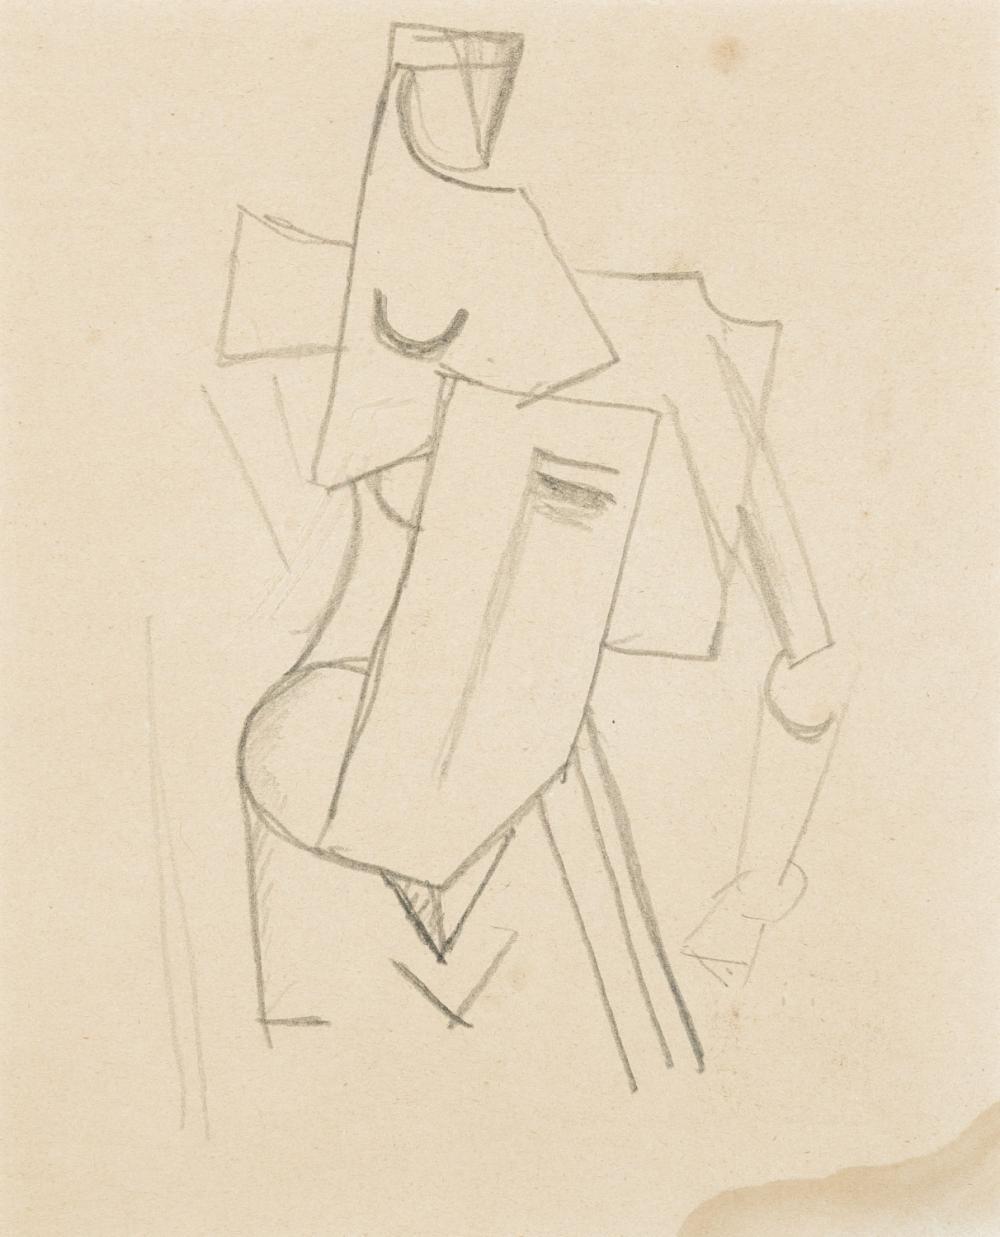 Gutfreund Otto - Cubist composition (ca. 1914-16)